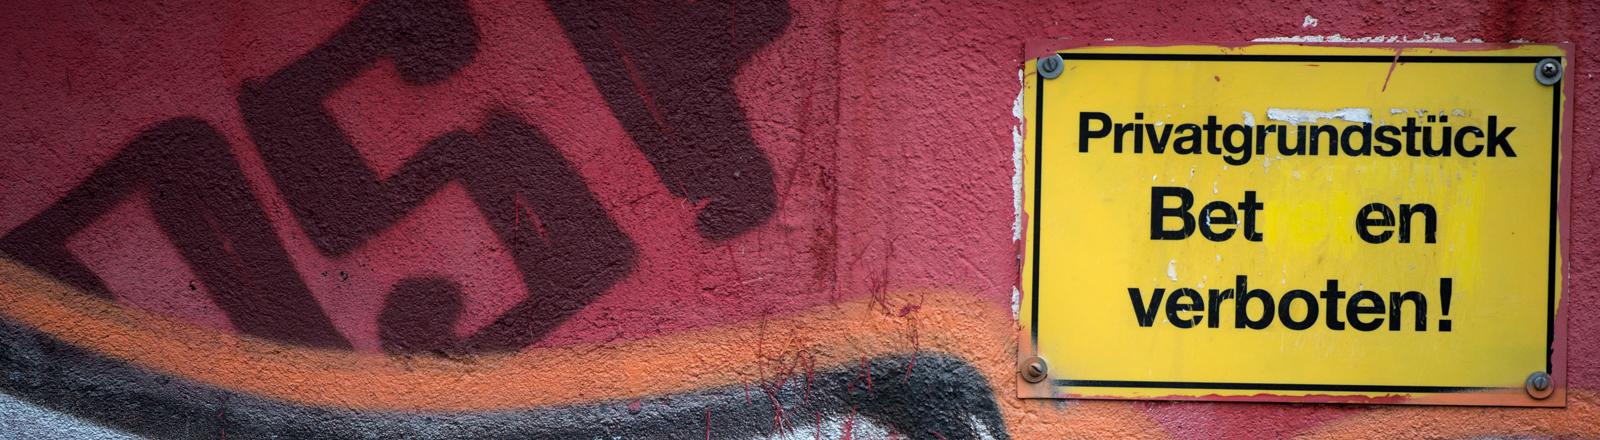 """""""Privatgrundstück - Be ten verboten"""" steht am 20.12.2013 auf einem Schild an einer Garagenwand in Dresden (Sachsen)."""